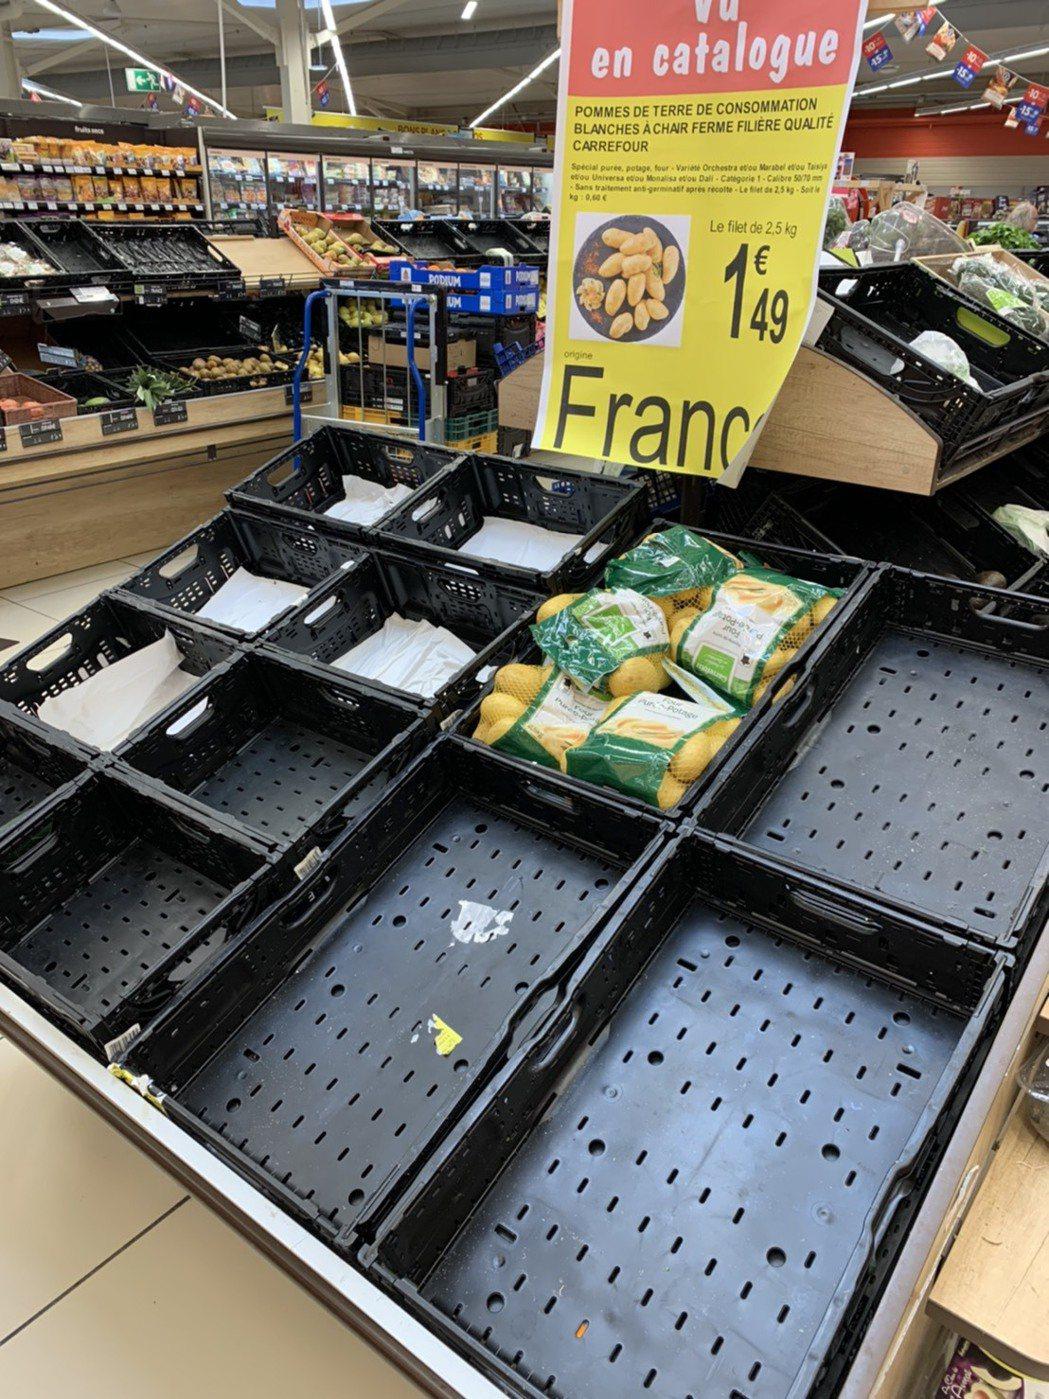 法國宣布封城後,超市貨架被搶購一空。圖/Charlotte提供